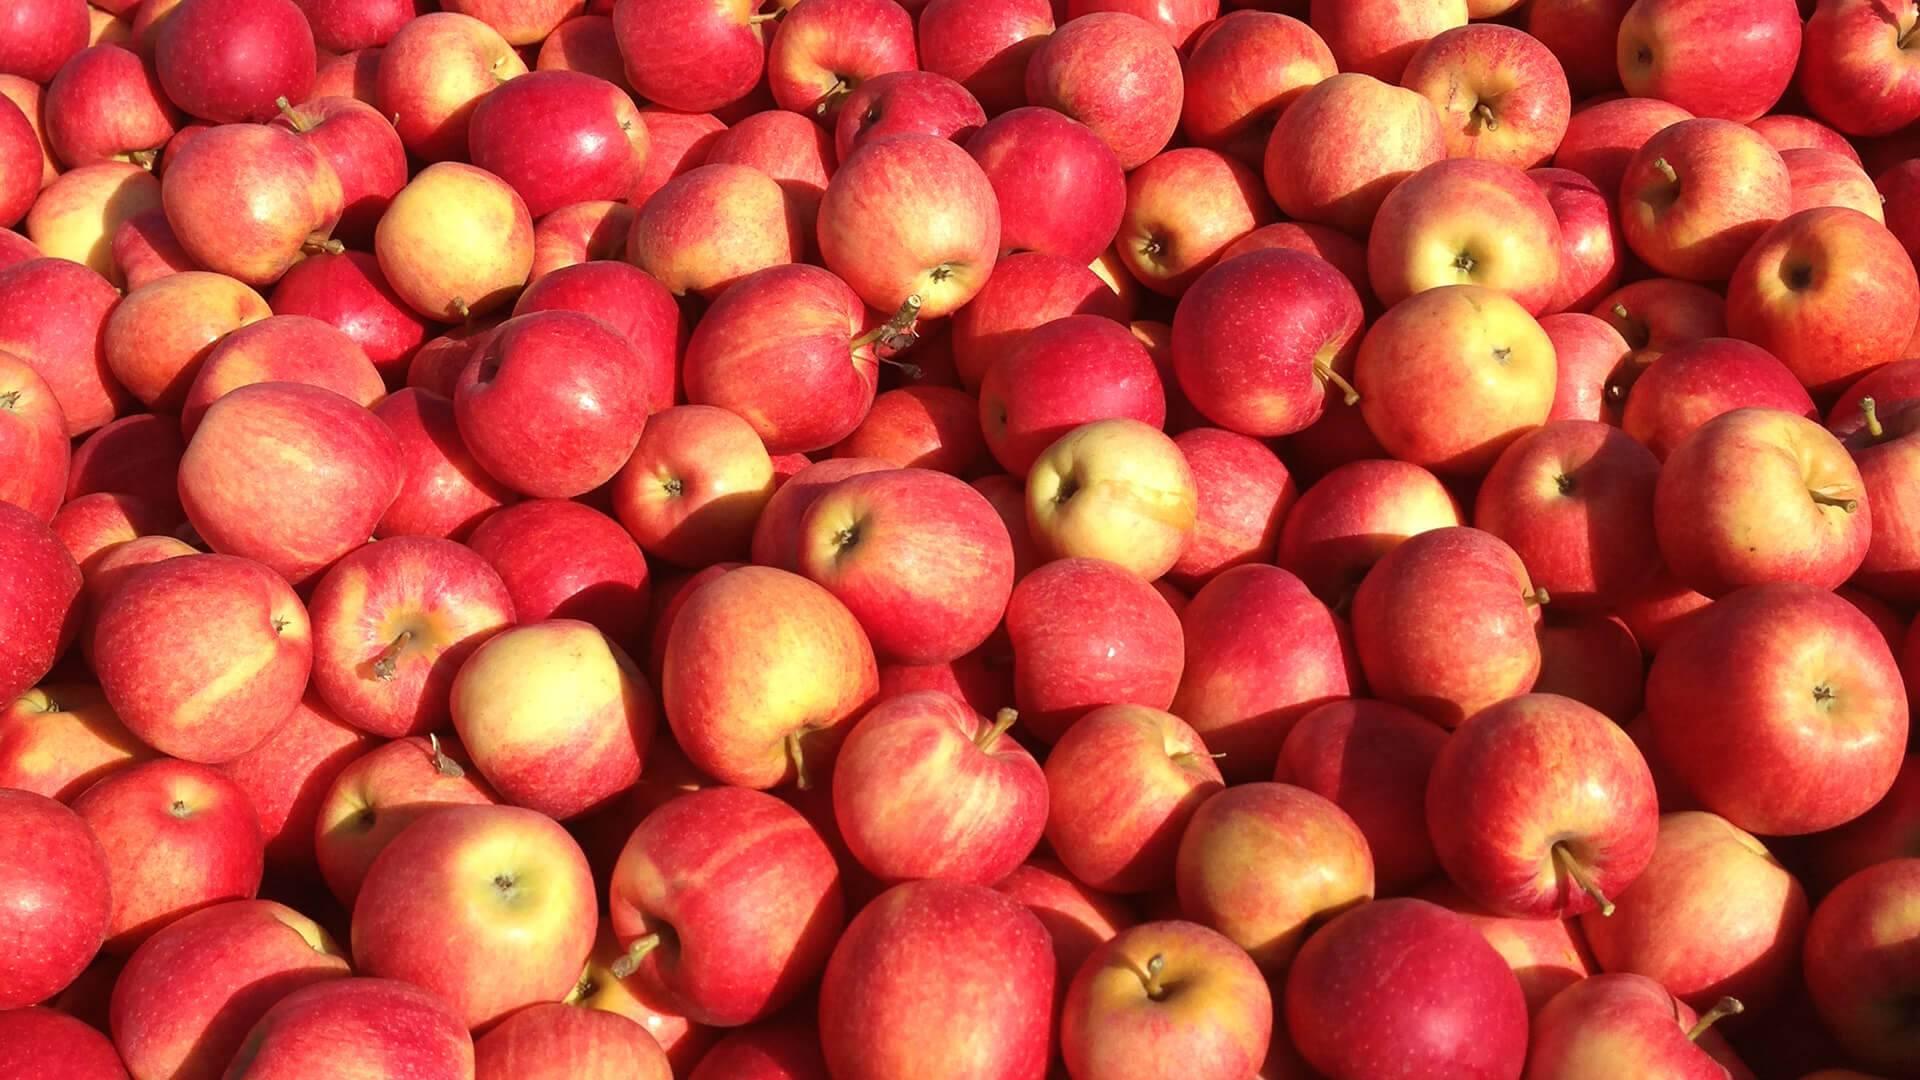 Яблоня гала: отзывы, фото, урожайность, описание позднего осеннего сорта и особенности выращивания, посадки и ухода